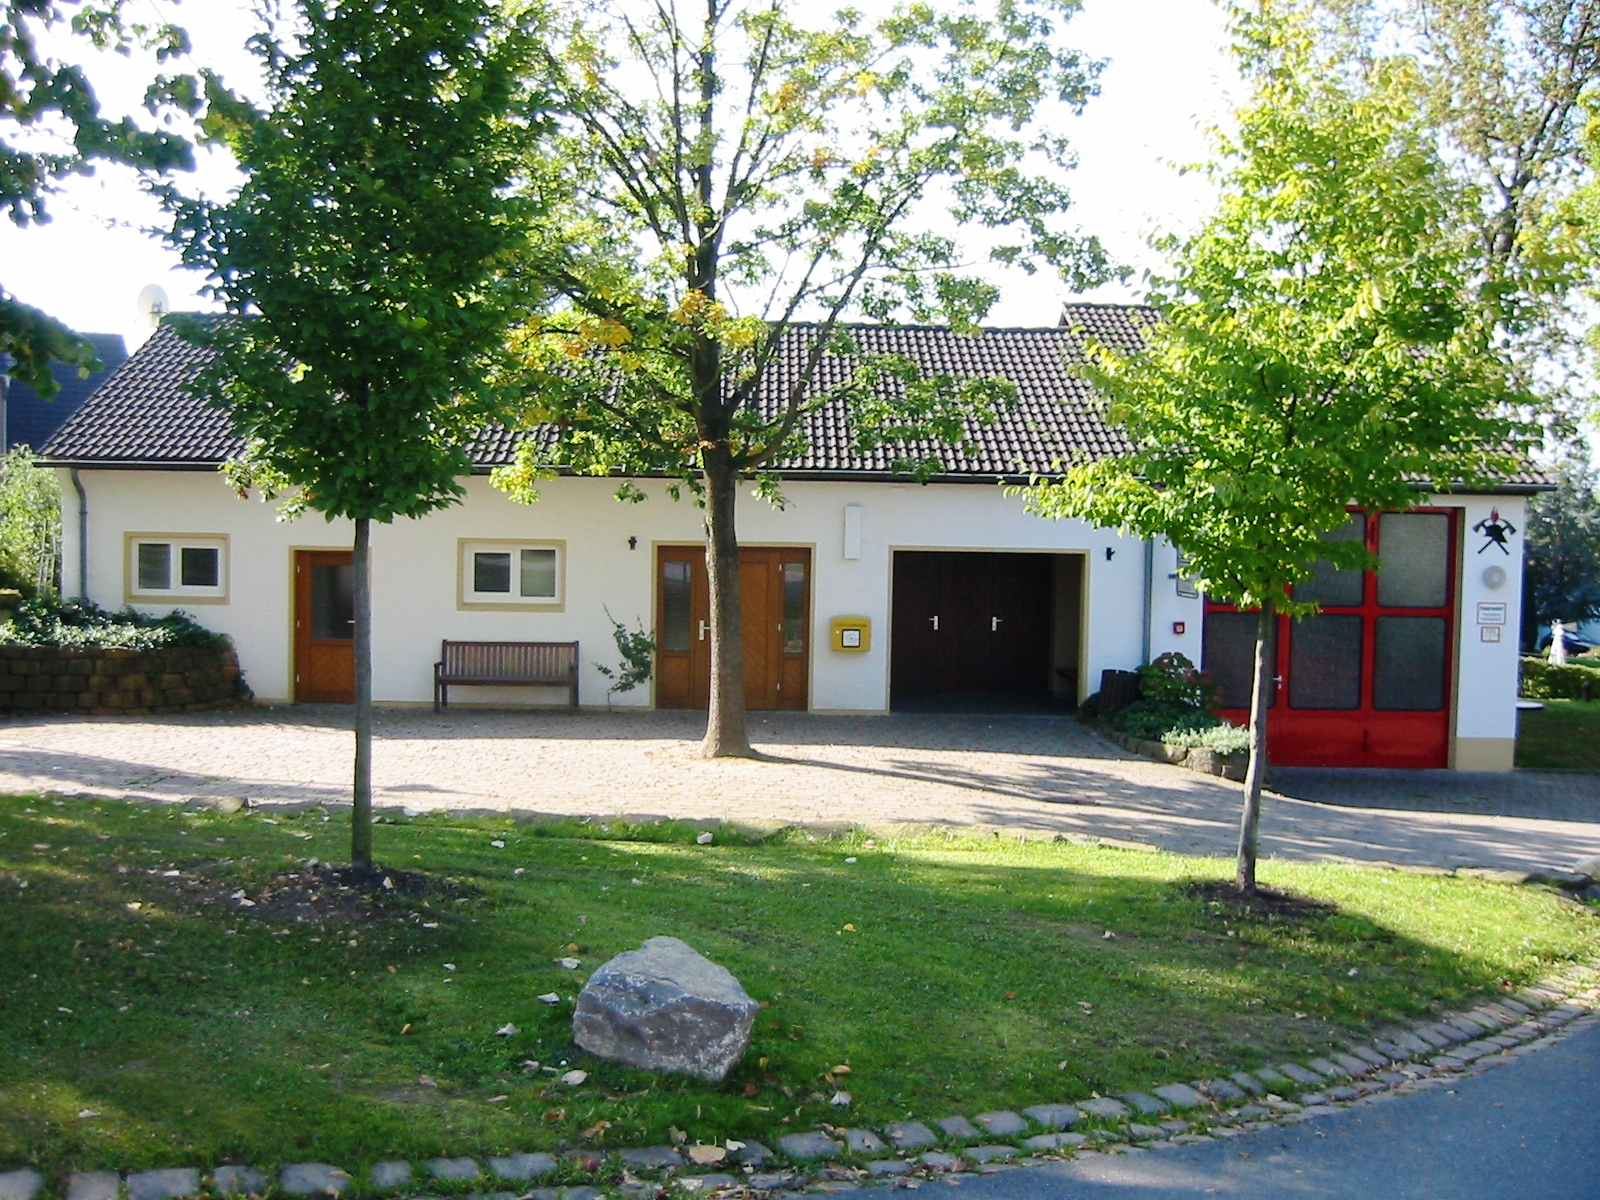 Feuerwehrgeräte- und Dorfgemeinschaftshaus